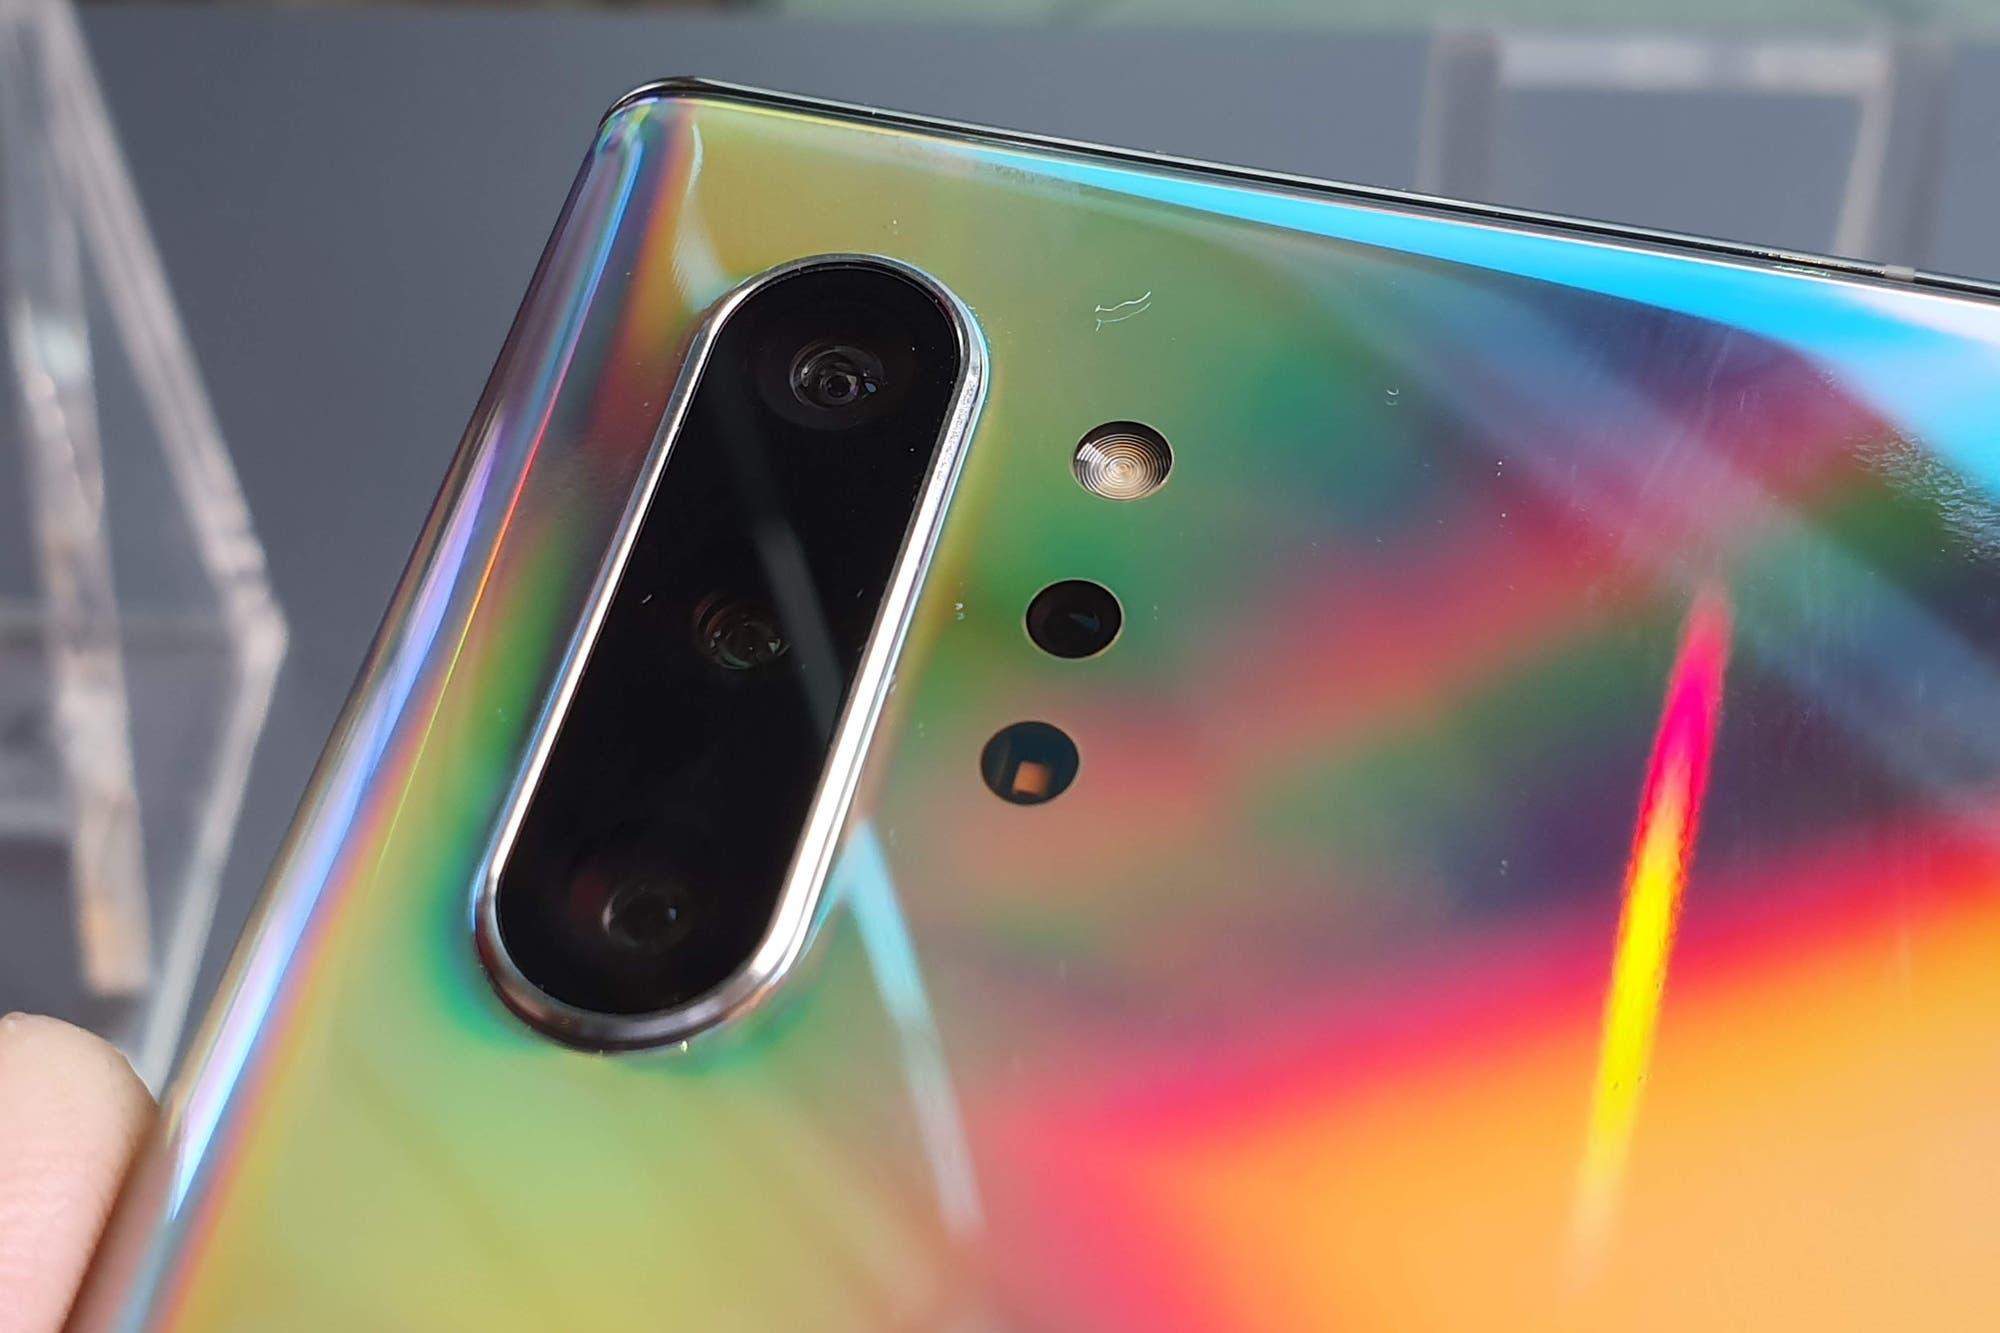 El próximo smartphone de Xiaomi tendrá una cámara de 108 megapixeles provista por Samsung